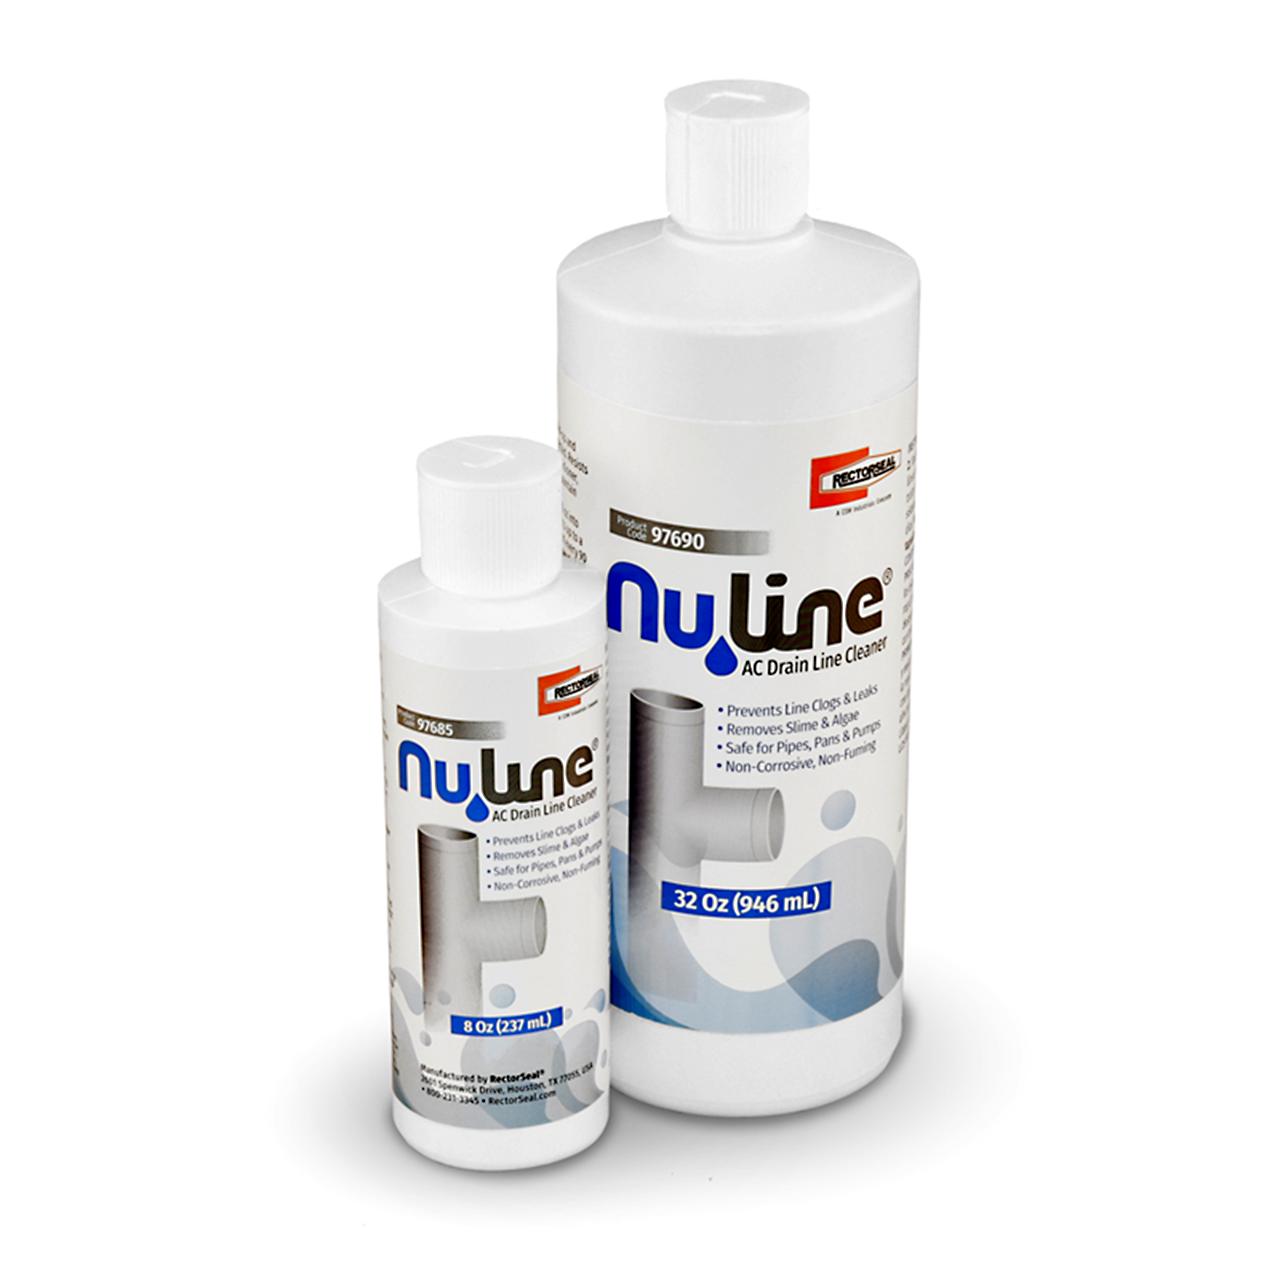 Nu Line